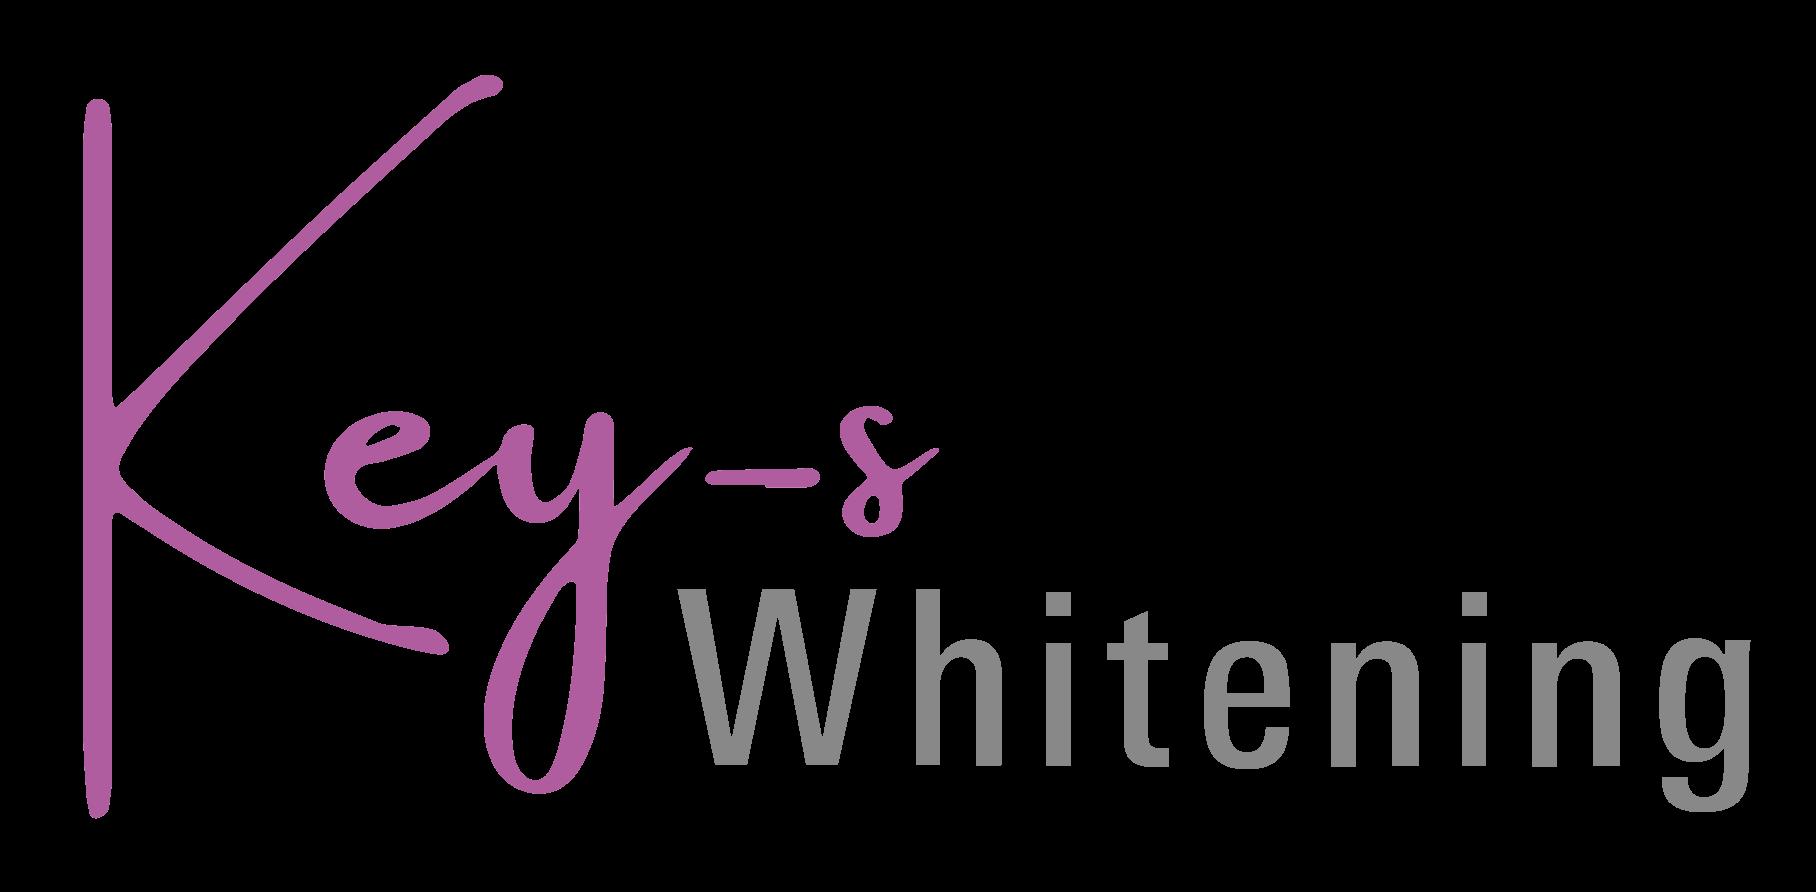 keys-whitening